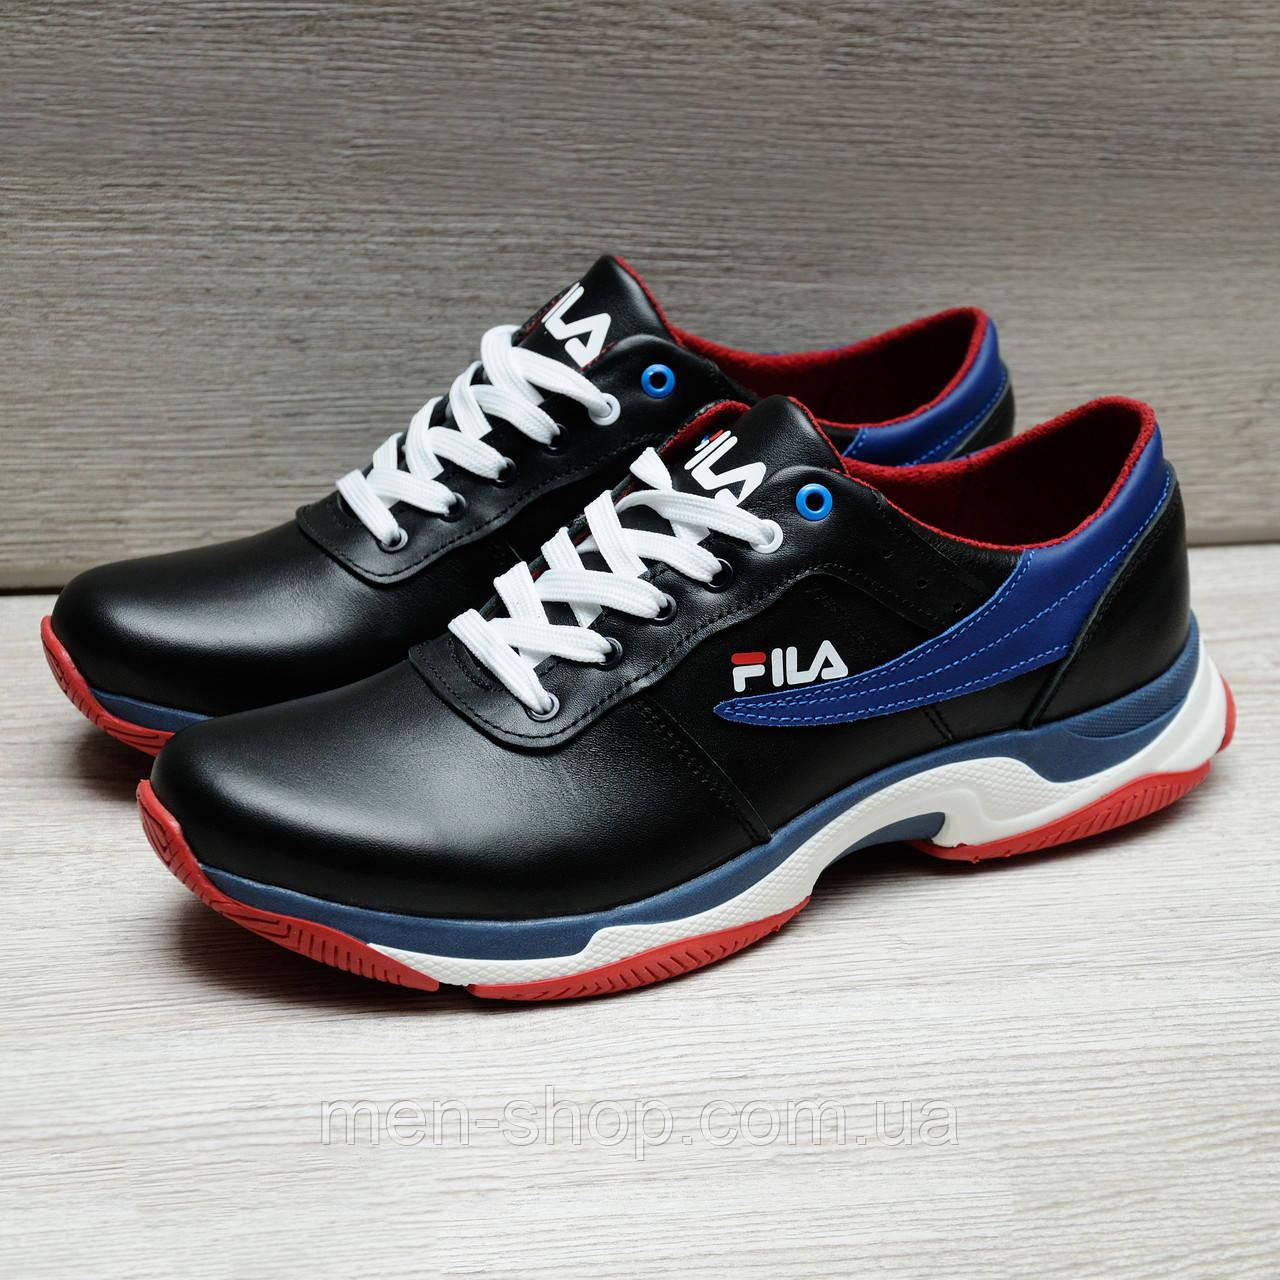 Мужские кожаные  кроссовки в стиле Fila